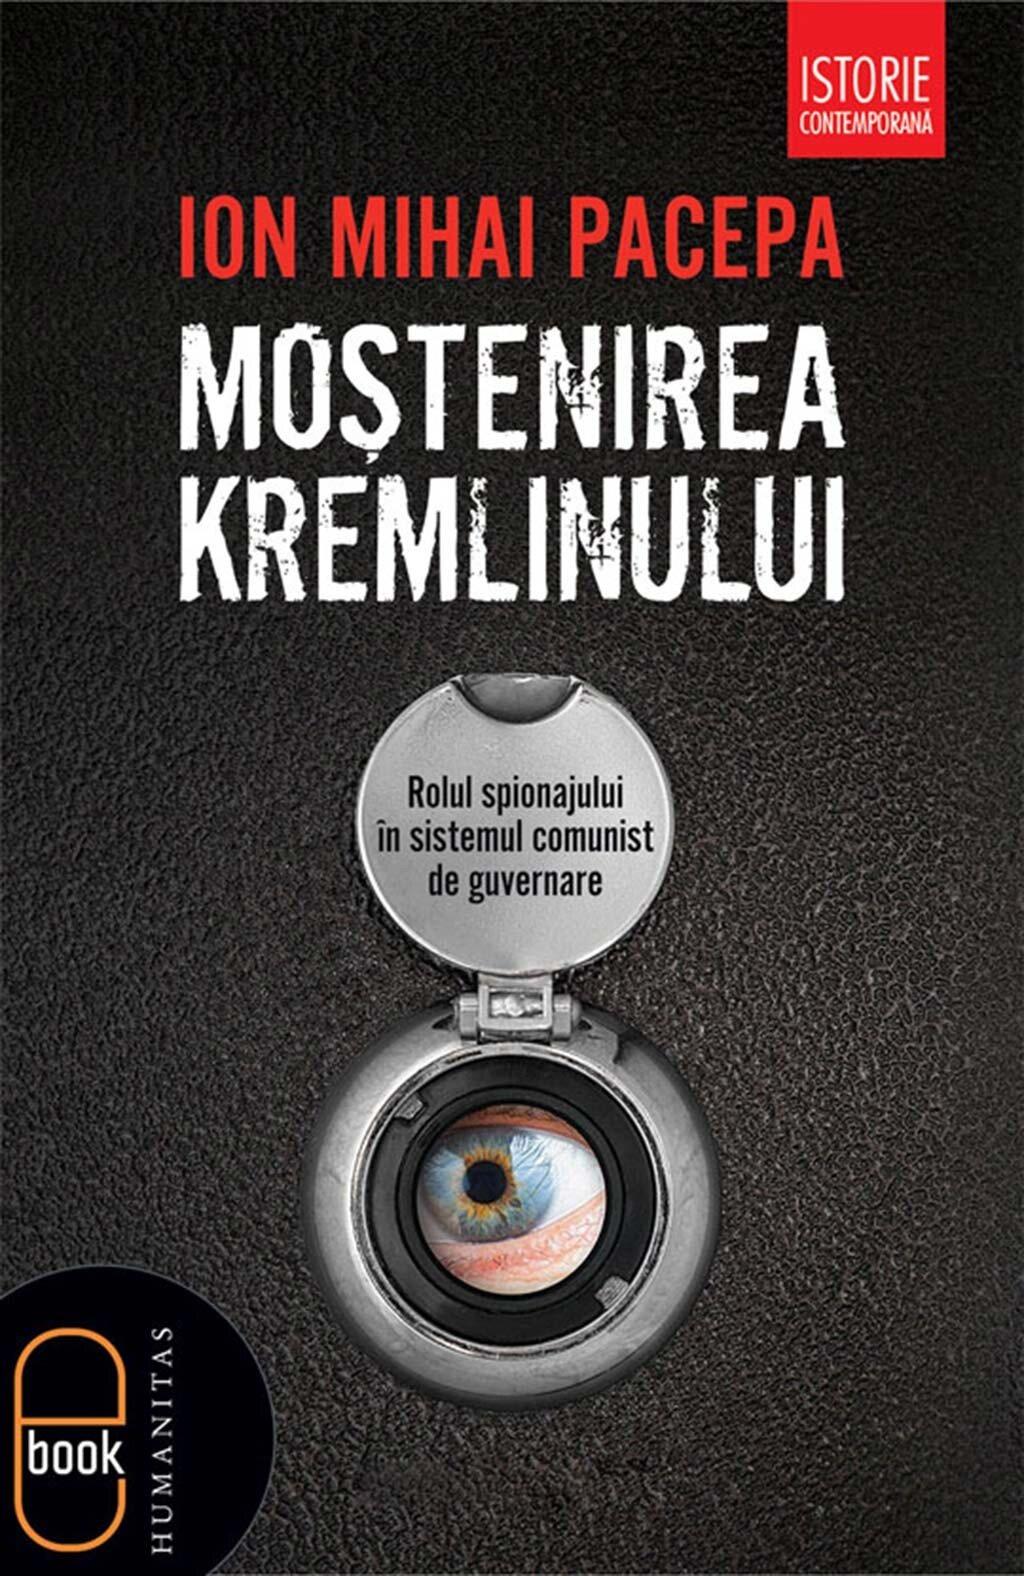 Mostenirea Kremlinului. Rolul spionajului in sistemul comunist de guvernare (eBook)